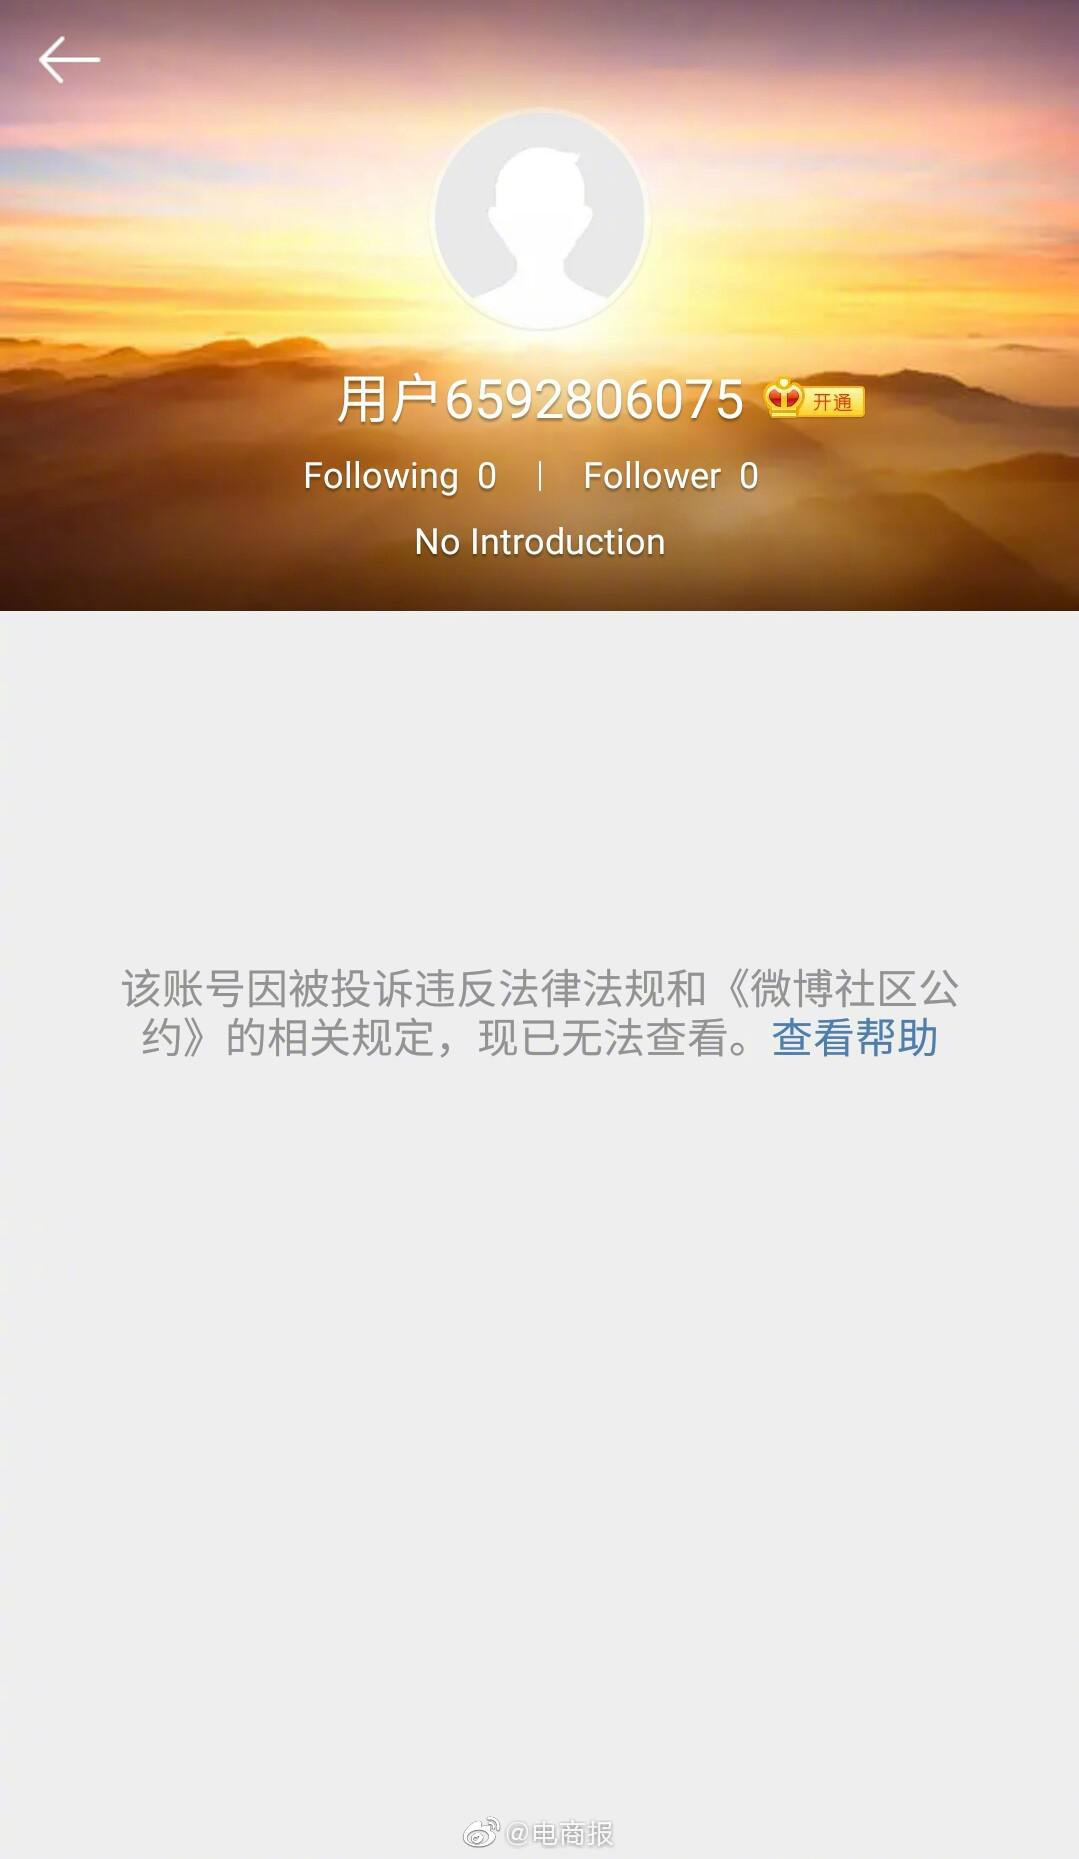 孙宇晨的新微博账号又双叒叕被封了@区块链孙哥